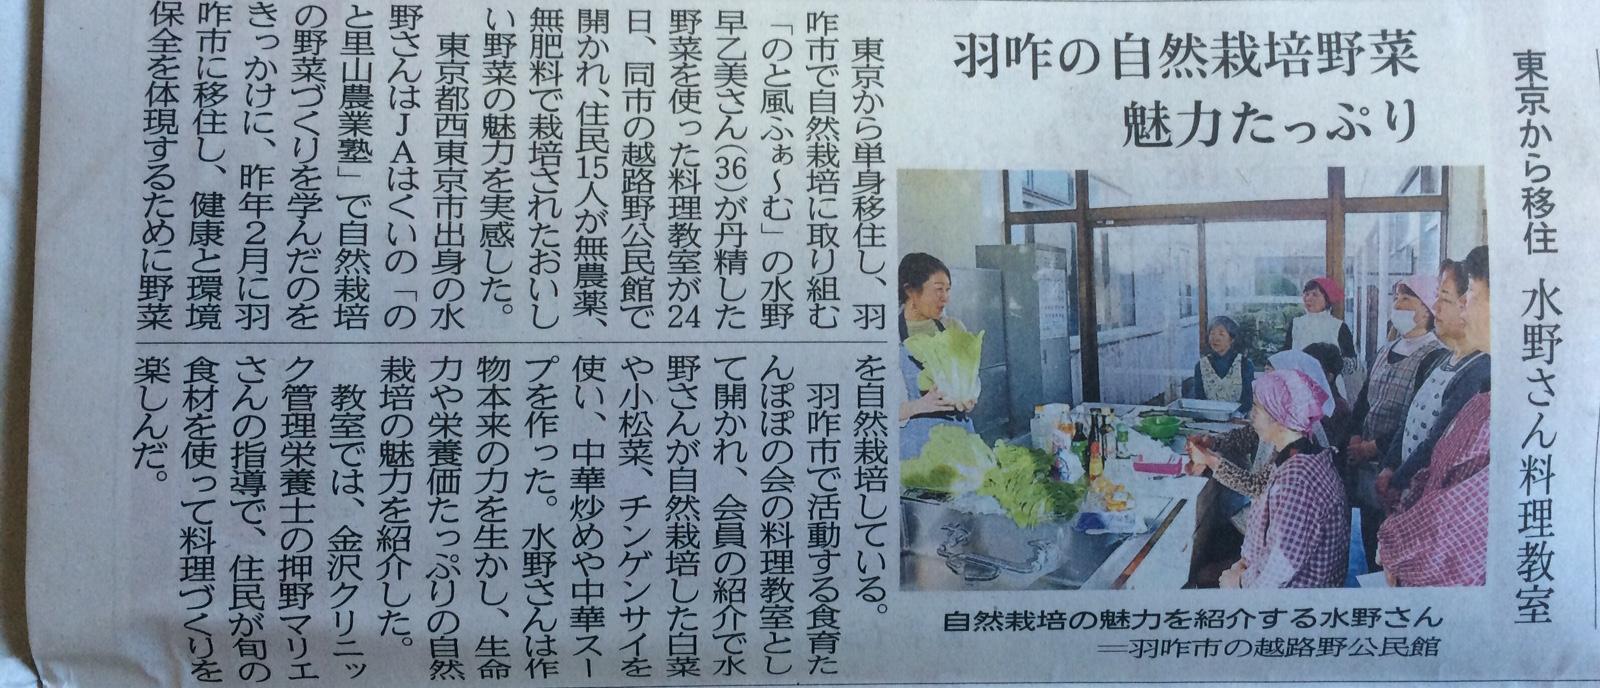 2018.11.25付『北國新聞』朝刊に記事を掲載して頂きました。